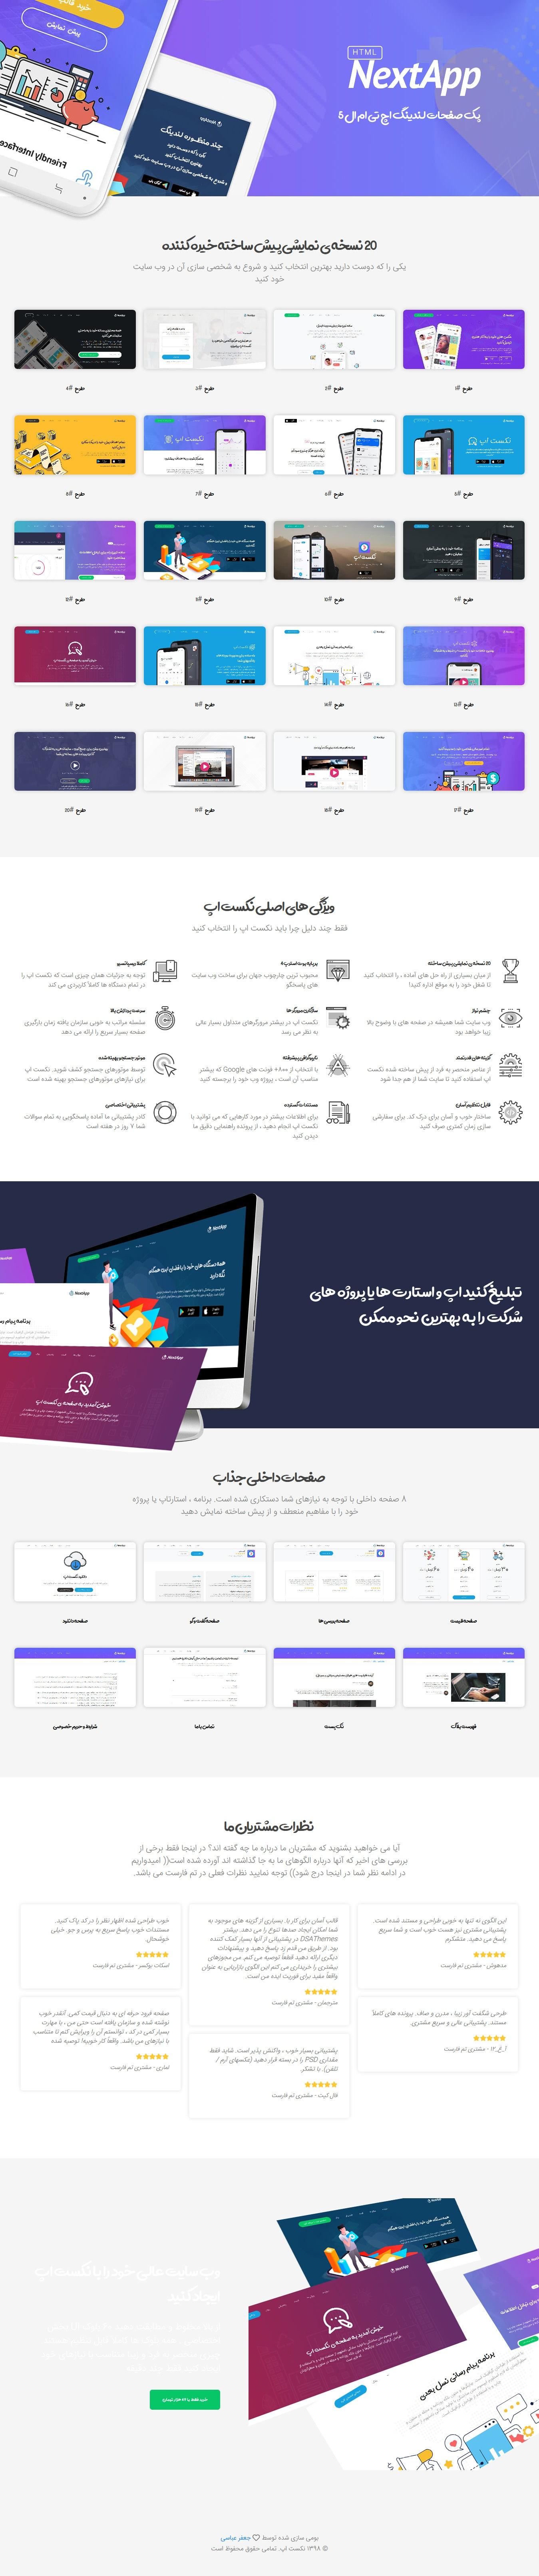 قالب HTML NextApp | قالب لندینگ پیج